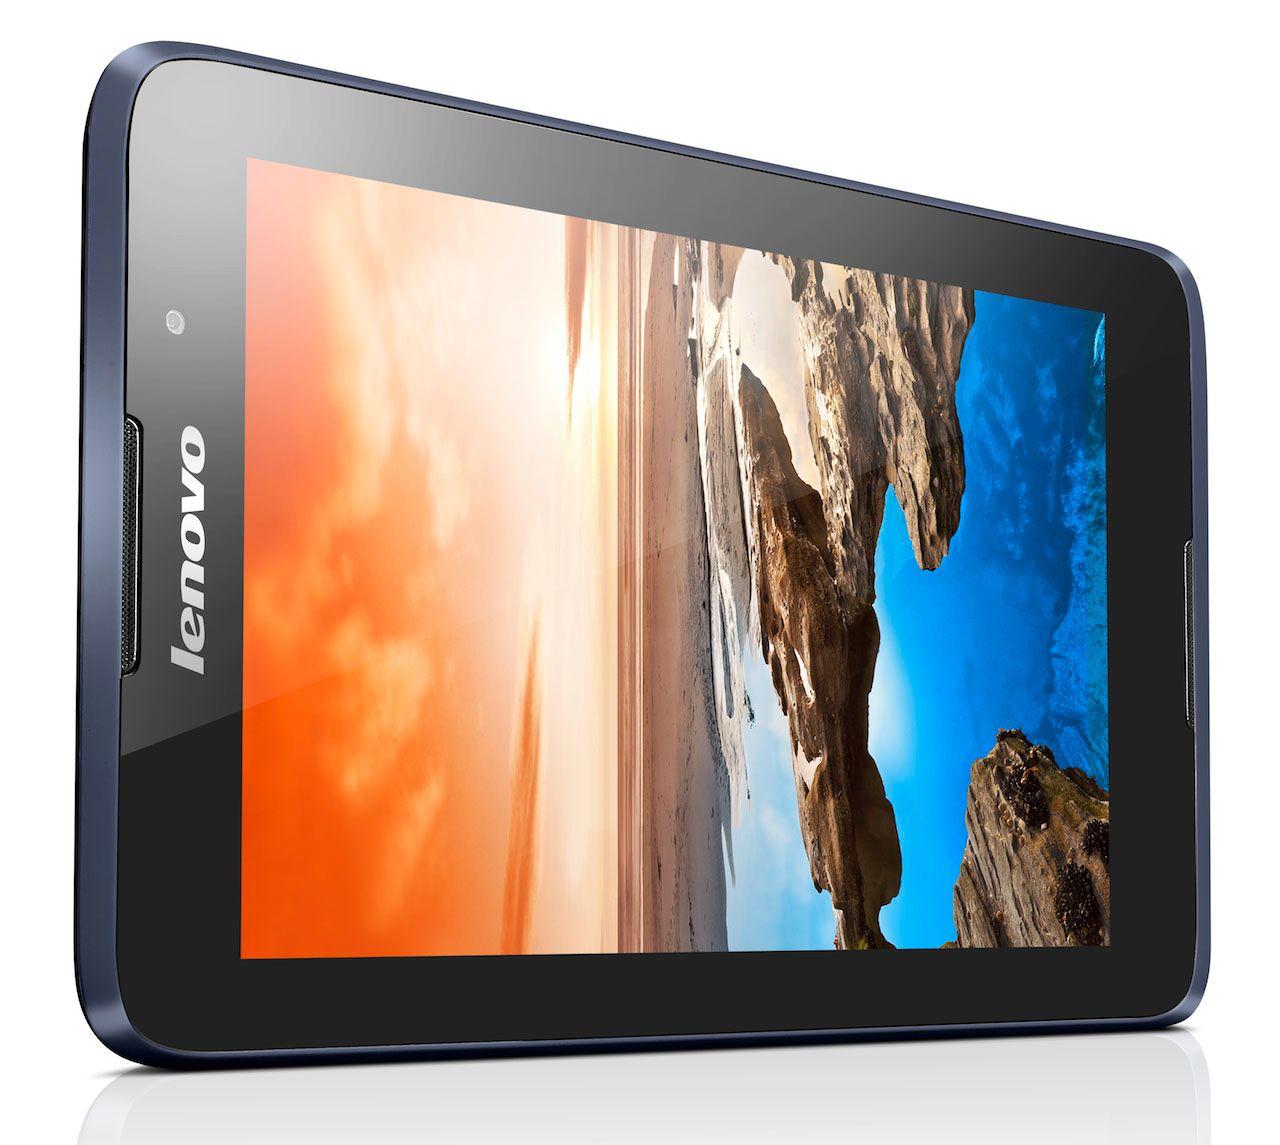 Lenovo A7-50 har 7-tommers skjerm.Foto: Lenovo